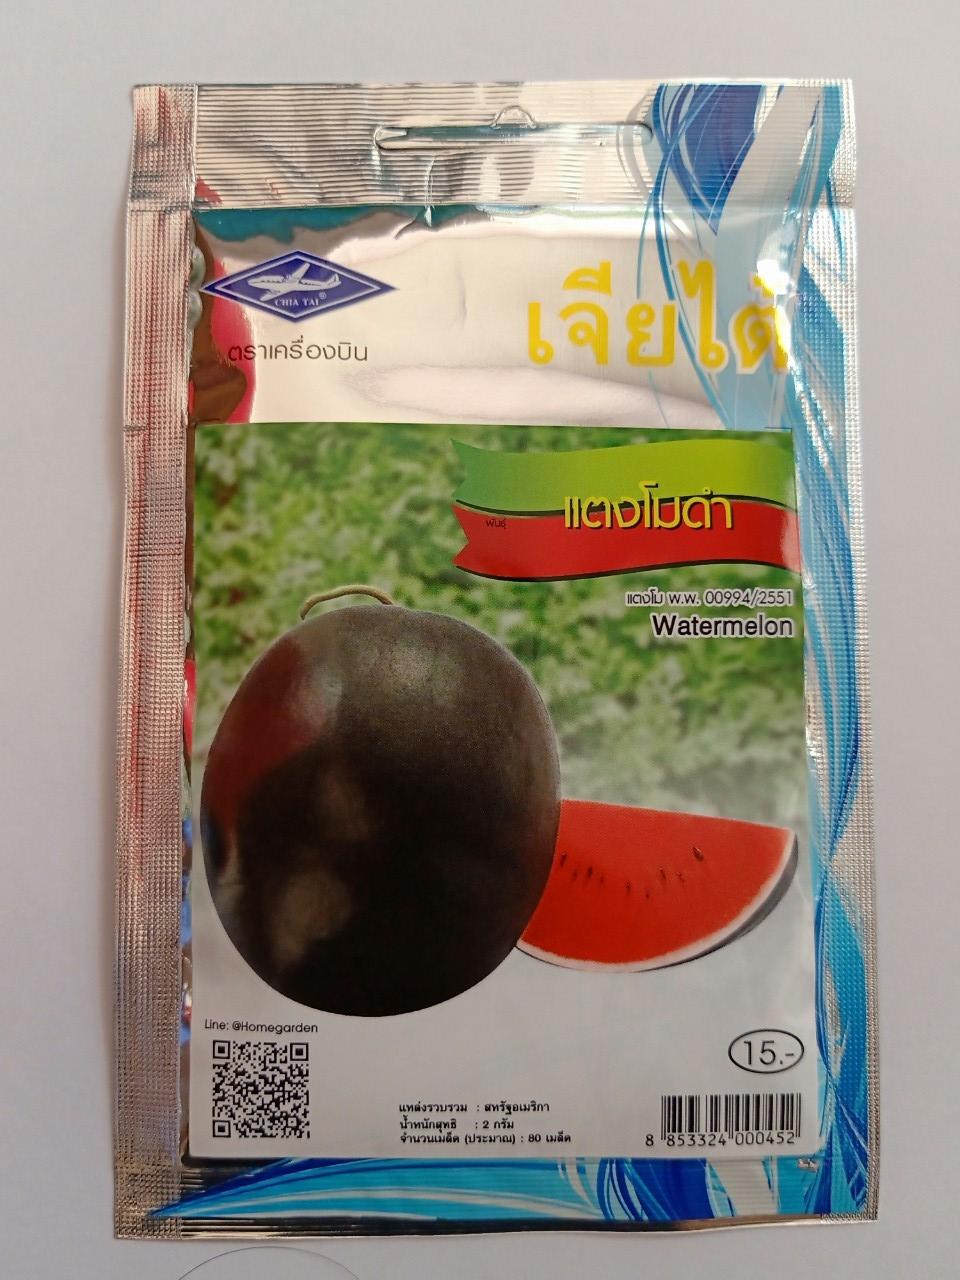 Hạt giống dưa hấu đen mỏng vỏ ít hạt nhập khẩu thái lan